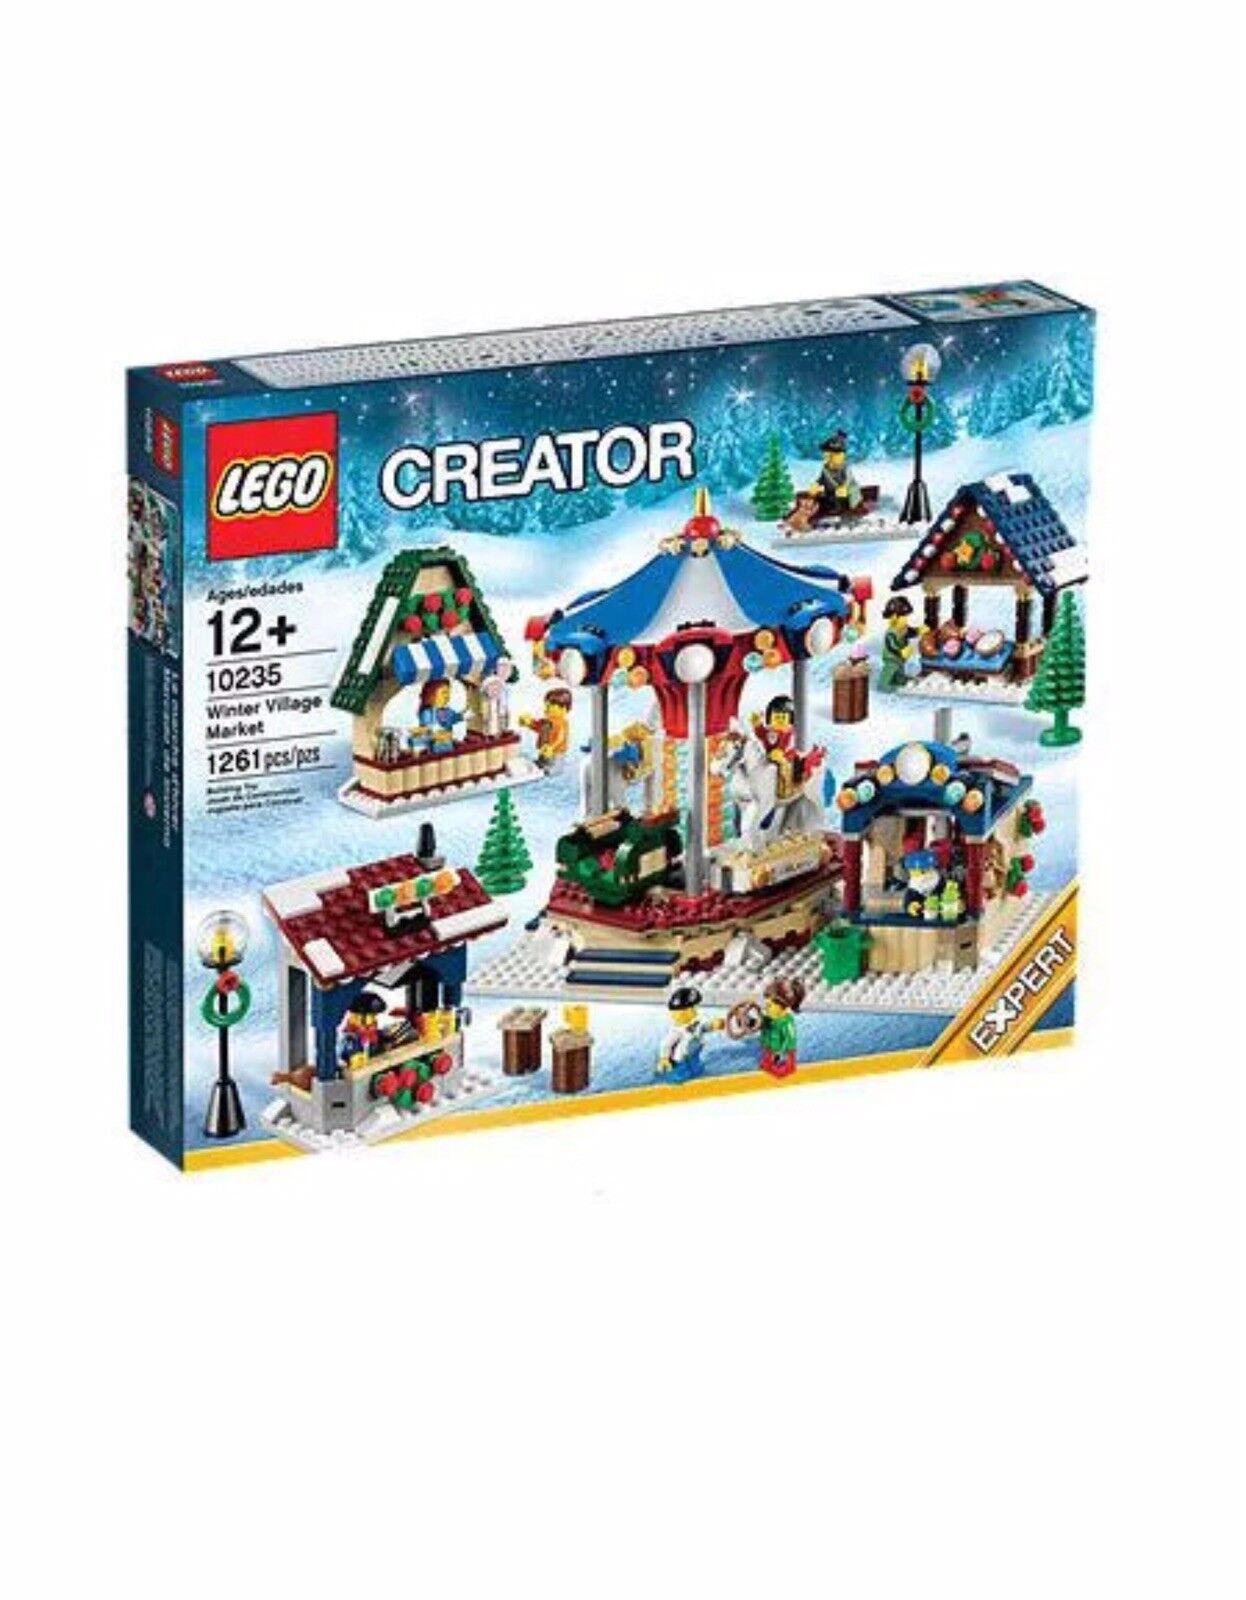 LEGO Creator 10235 Winter Village Market nouveau Sealed Retirouge   haute qualité